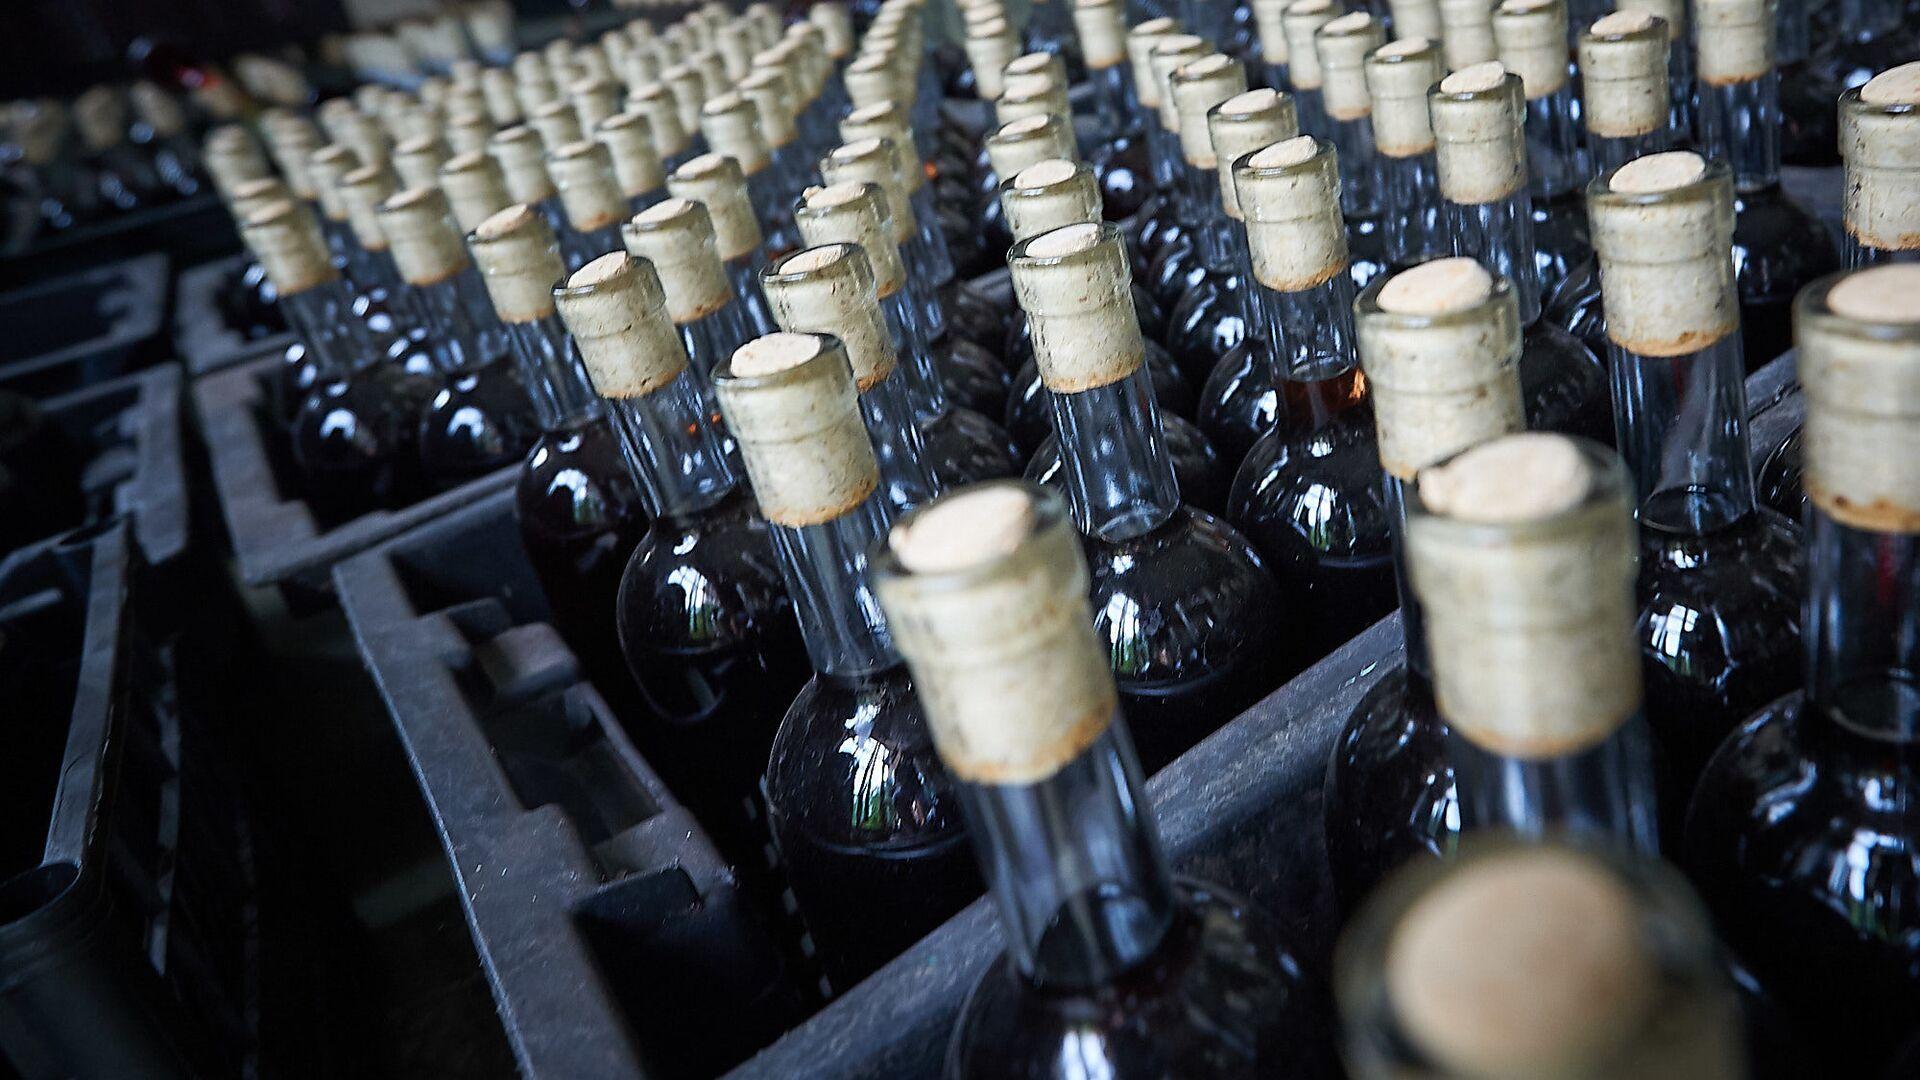 Грузинское вино которое отправят на экспорт - Sputnik Грузия, 1920, 09.06.2021